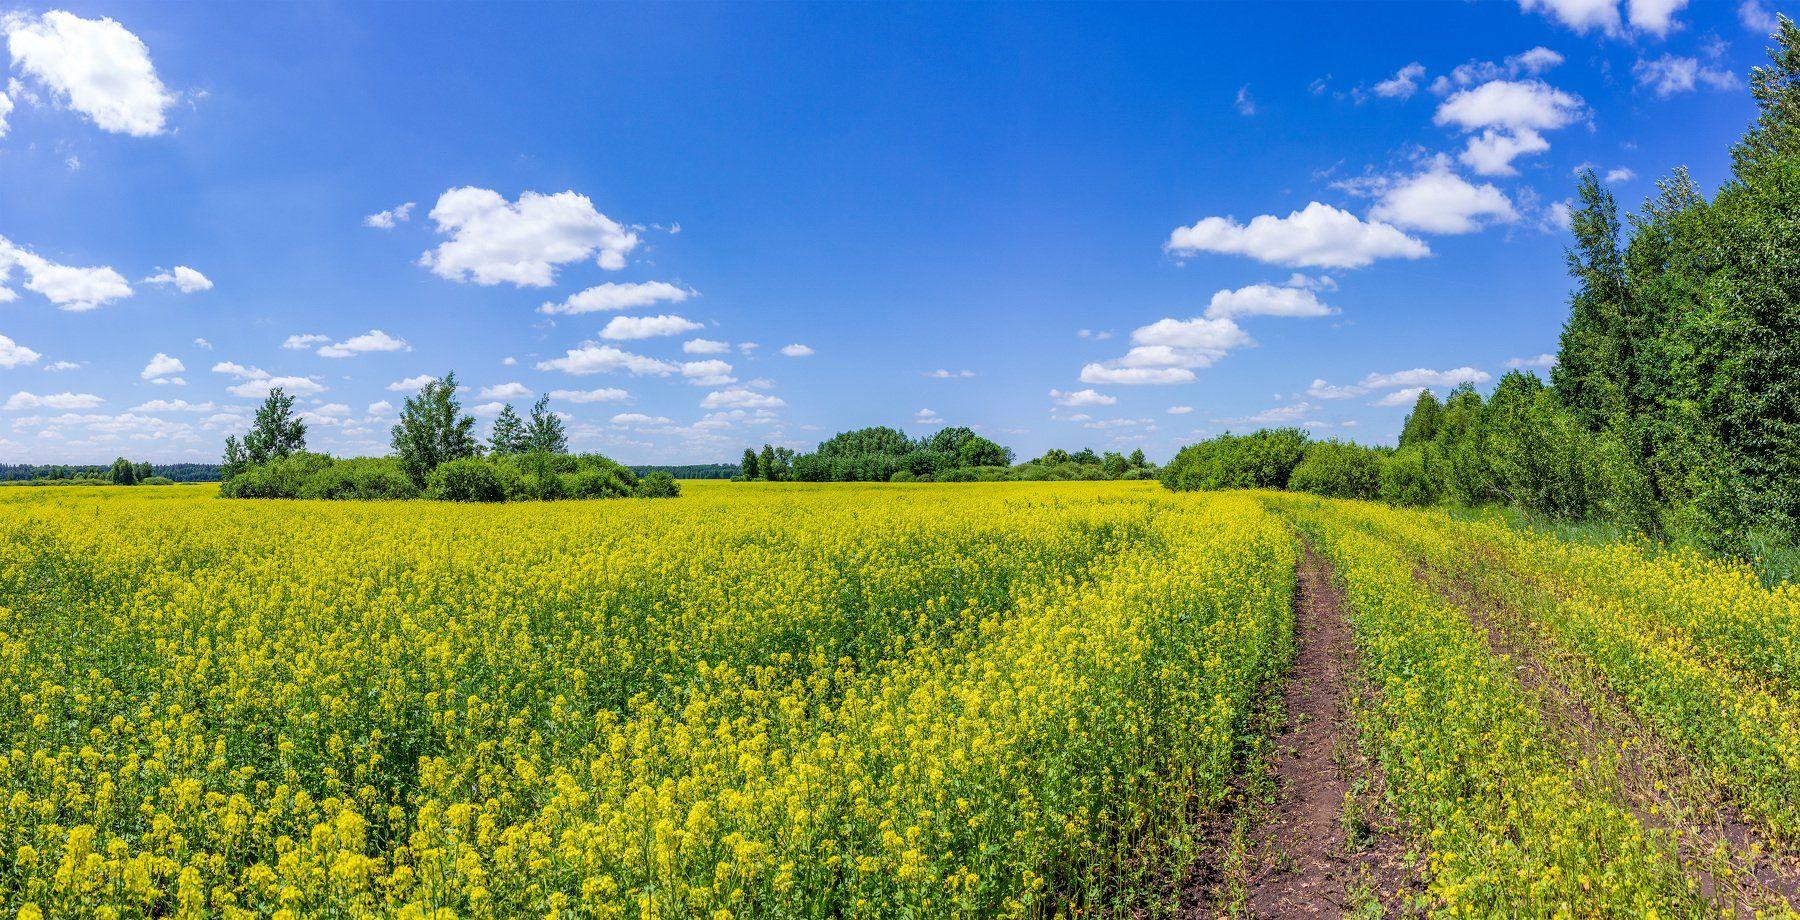 лето, дали, облака, дорога, дороги, поле, Руслан Востриков